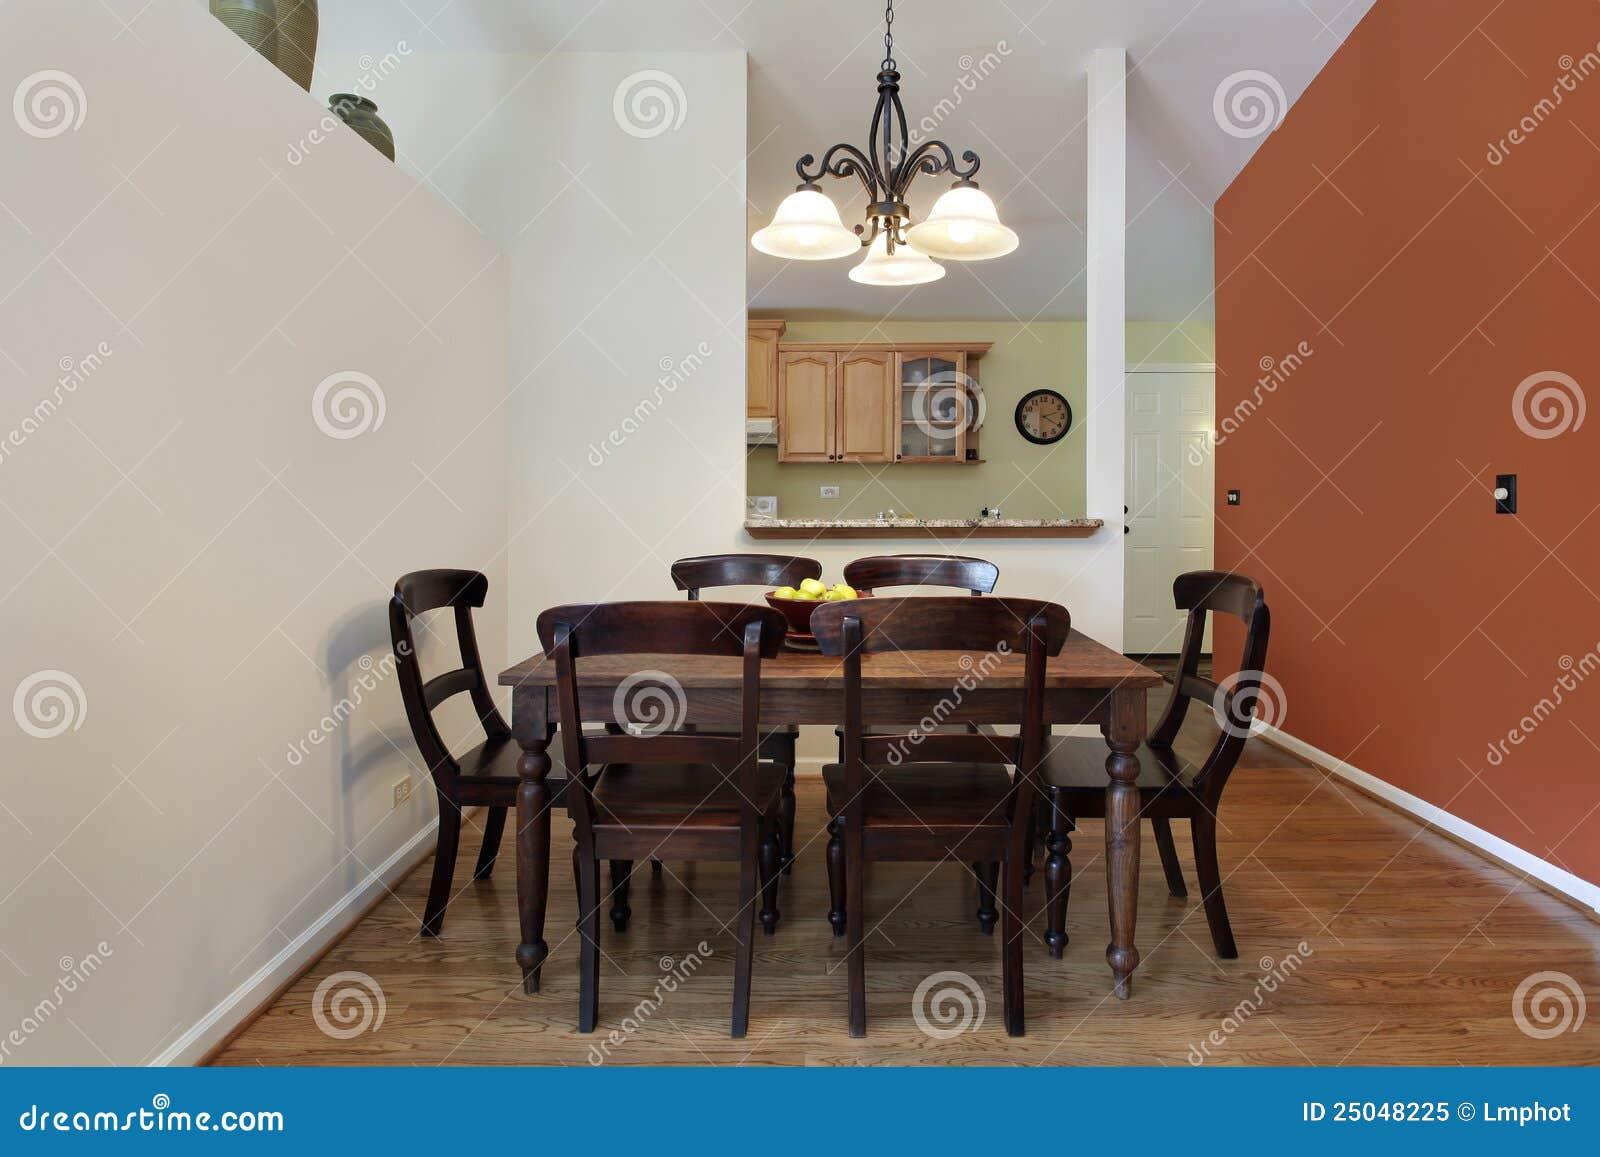 Esszimmer mit orange wand lizenzfreies stockfoto bild for Esszimmer orange